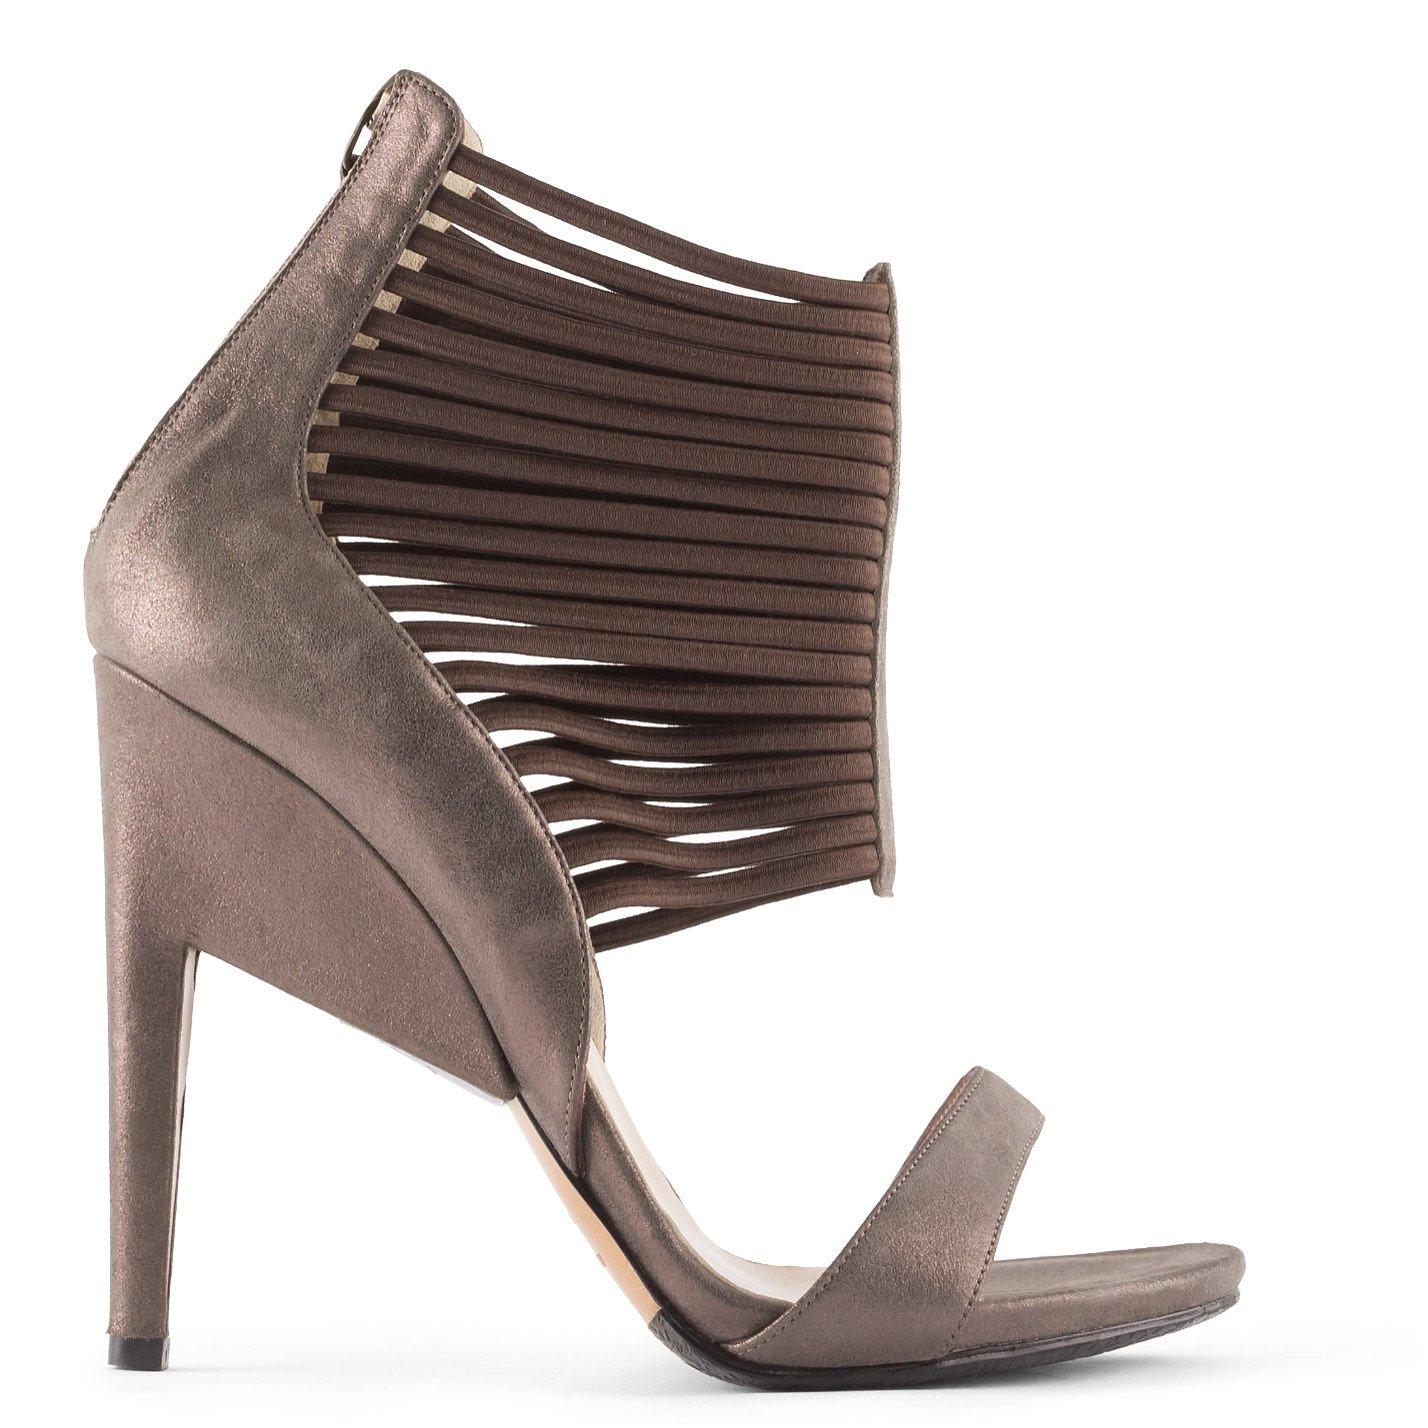 Nicholas Kirkwood Gladiator Style High Heel Sandals